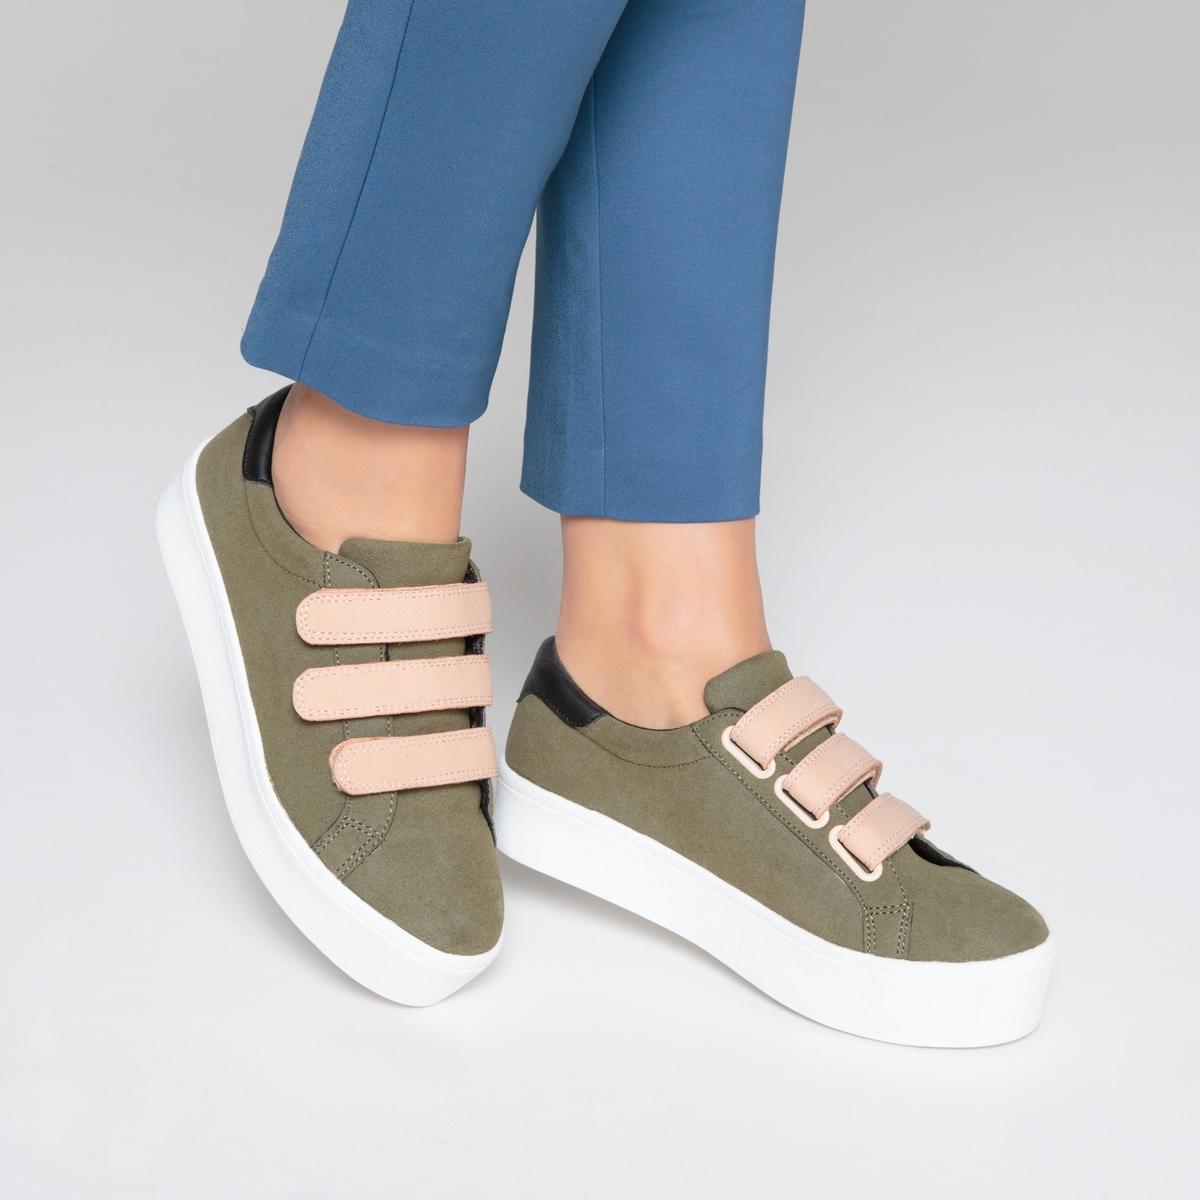 zapatillas Zapatillas con plataforma y presillas autoadherentes